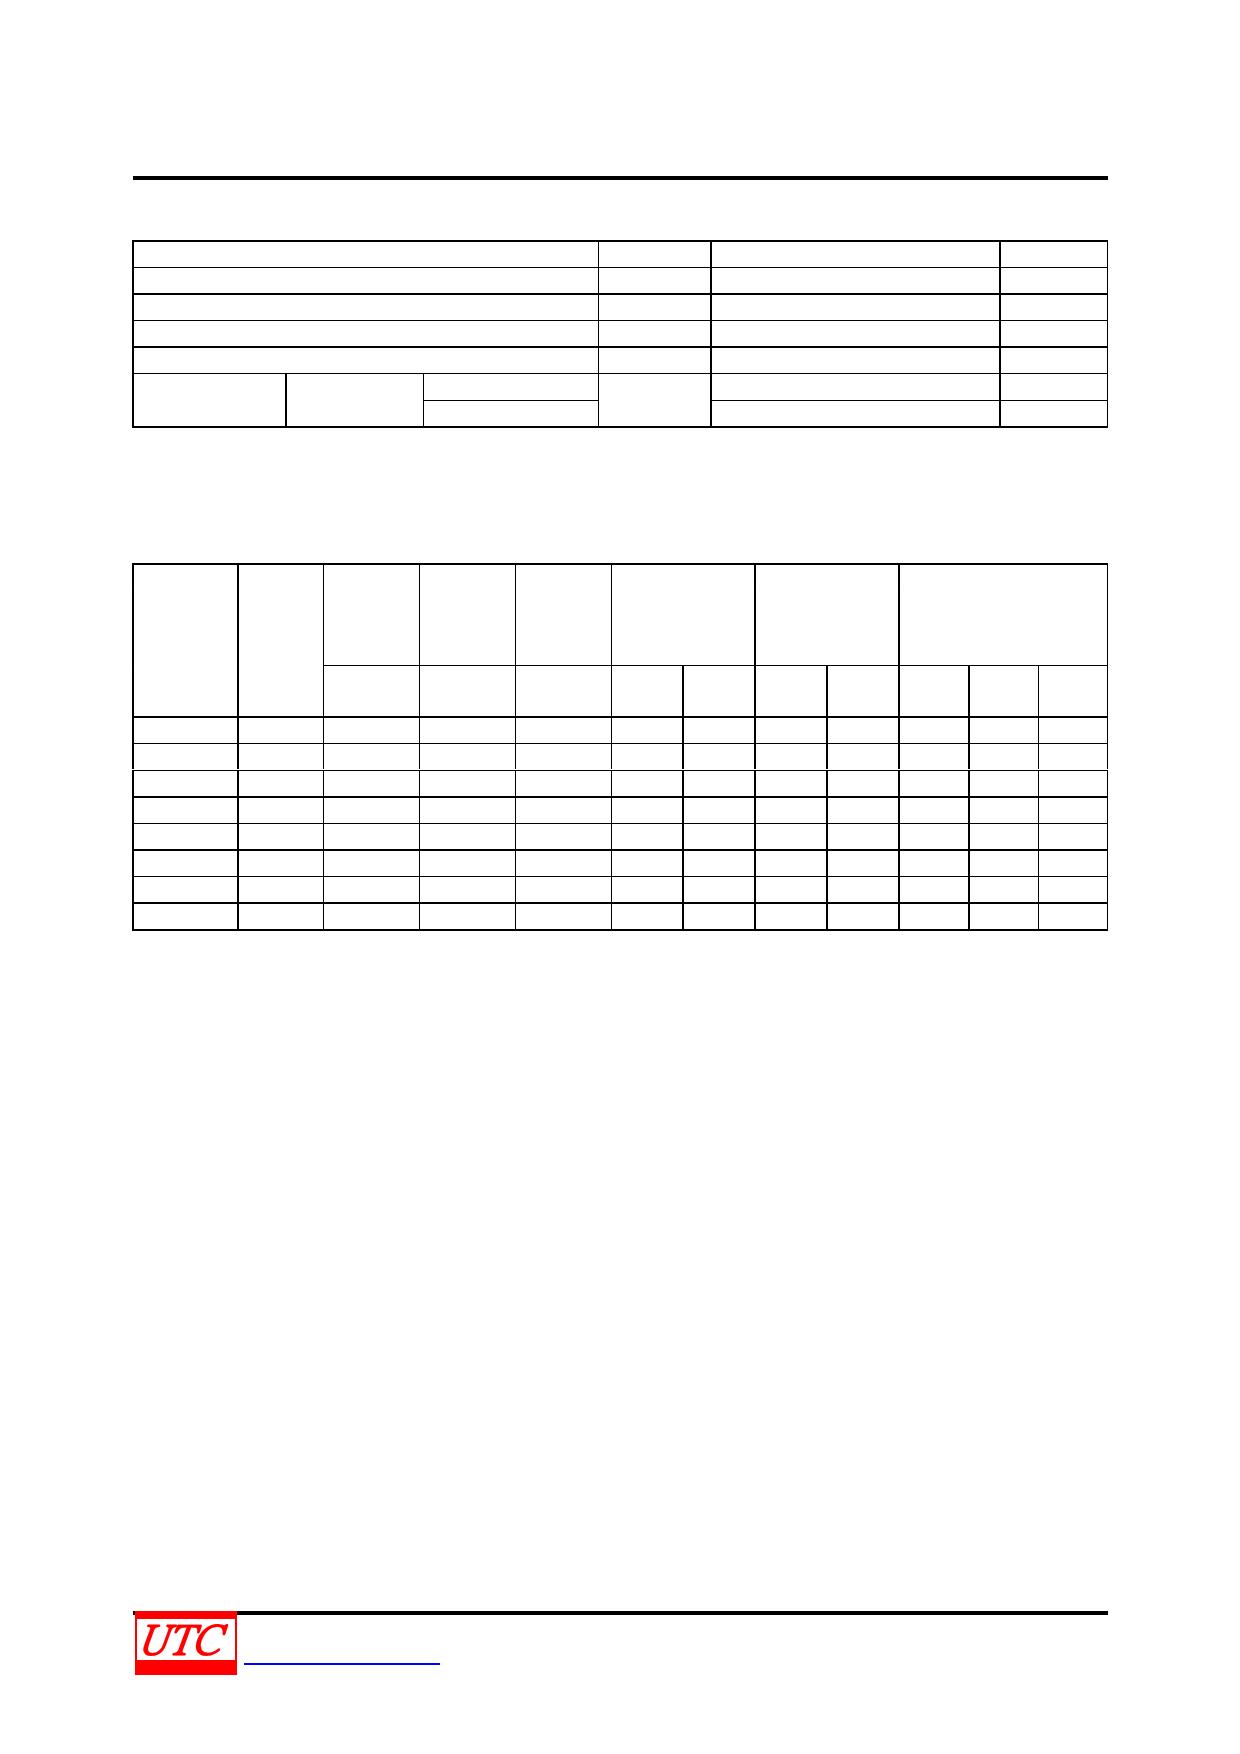 SMAXXV pdf, schematic